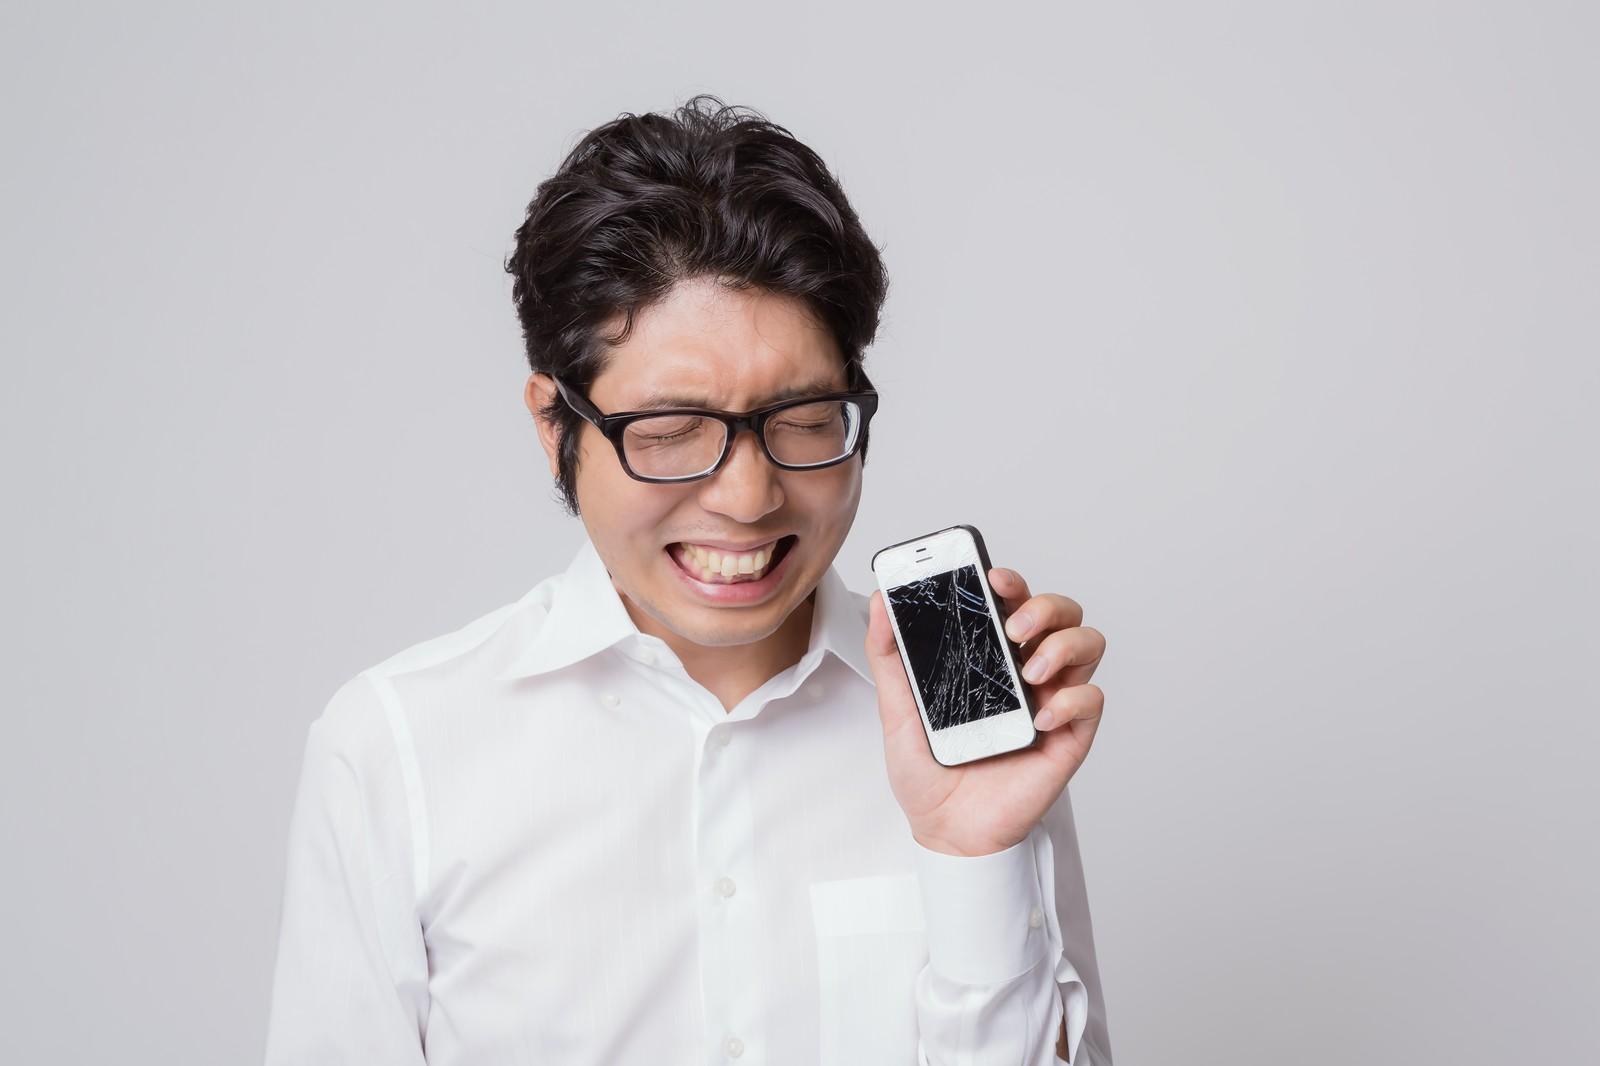 悔しいiPhoneの故障